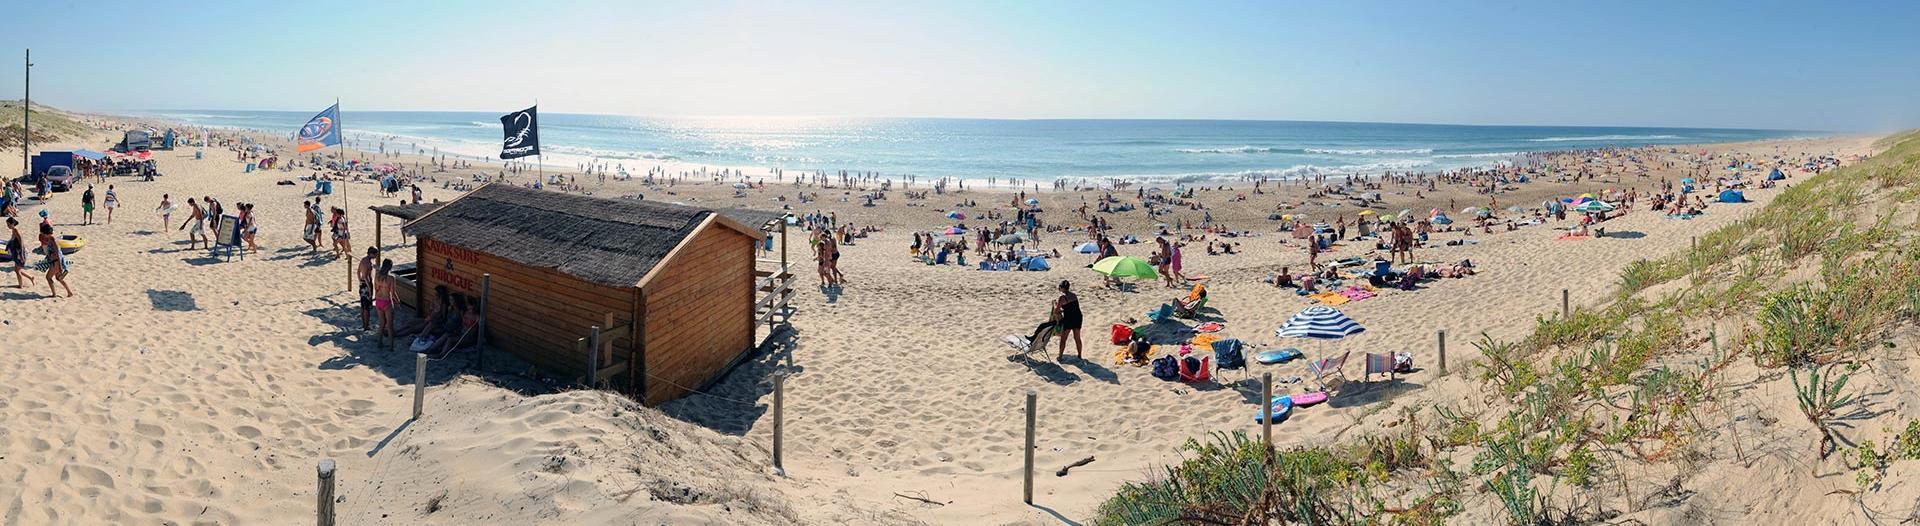 slider-camping-vieux-port-landes-plage